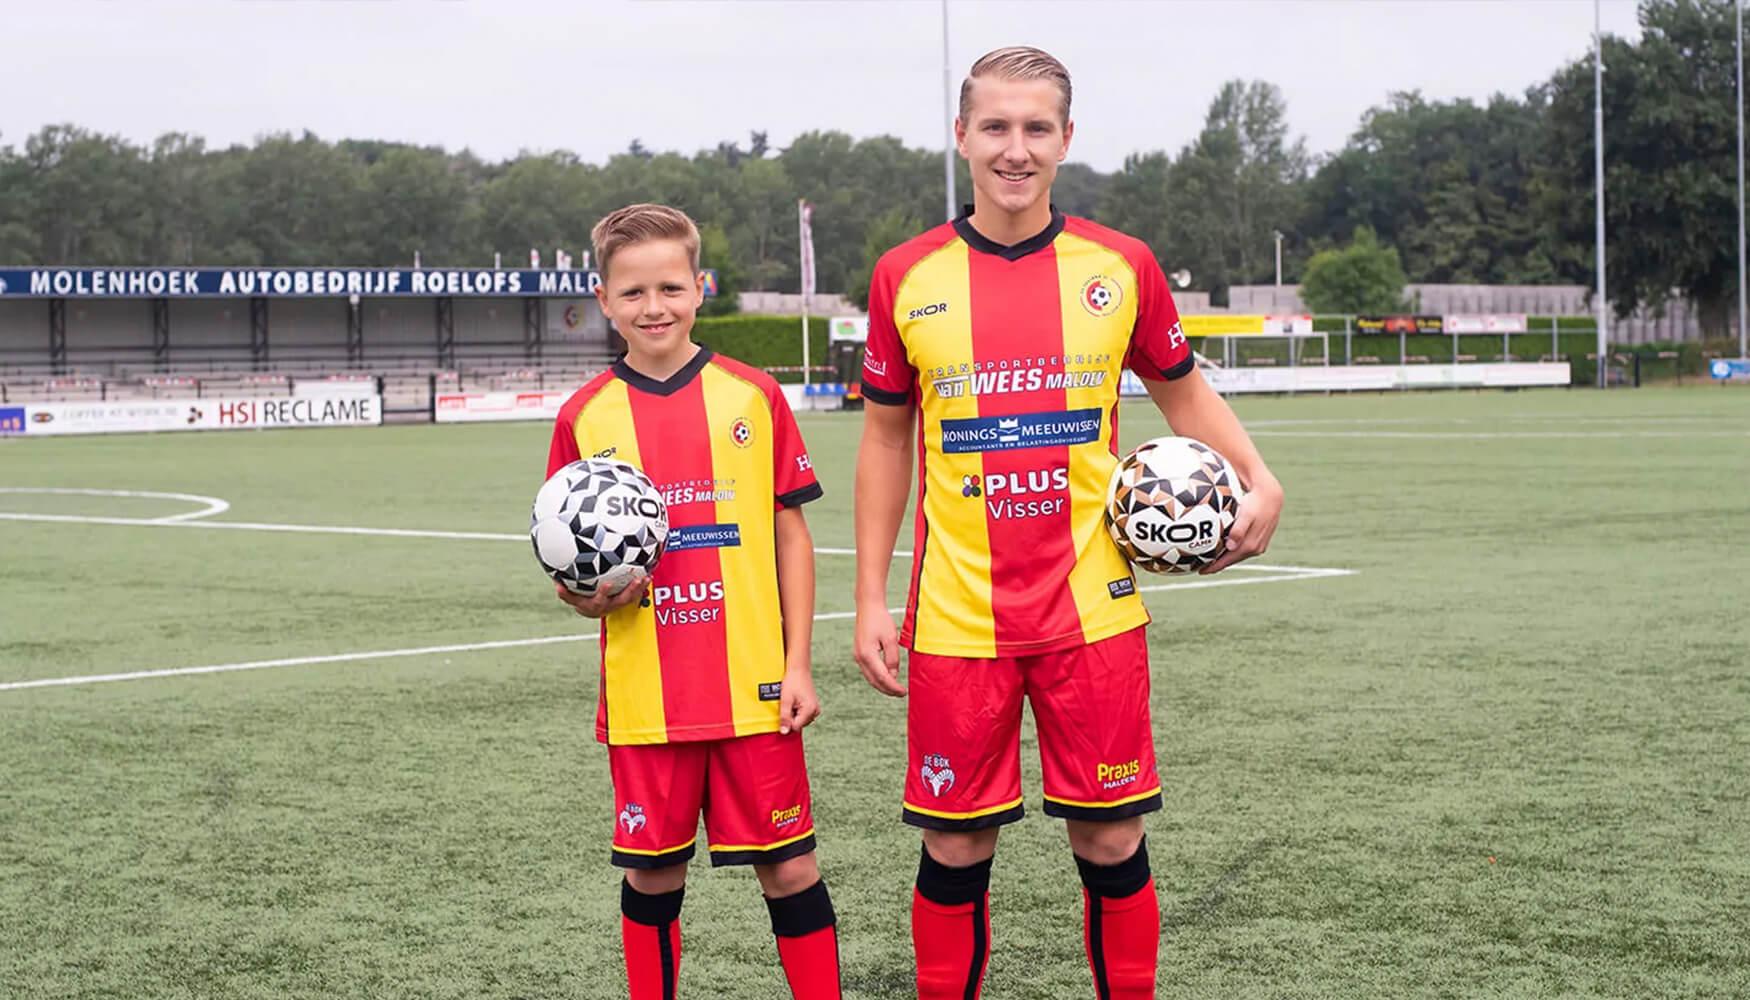 SV Juliana'31 eerste club in teamkleding van SKOR!